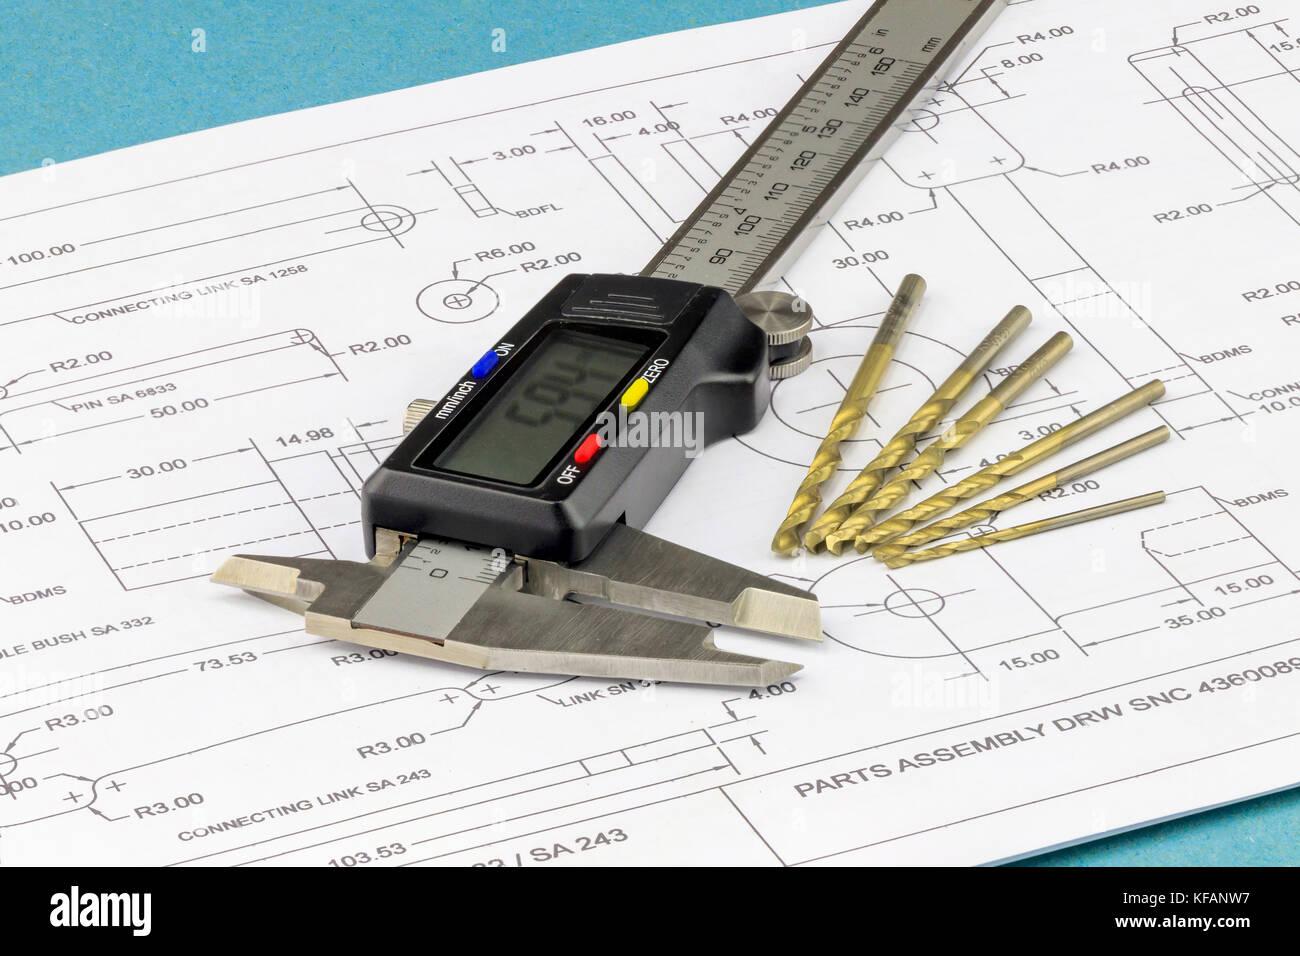 Messschieber und Bohrer auf technische Zeichnung Hintergrund platziert Stockbild